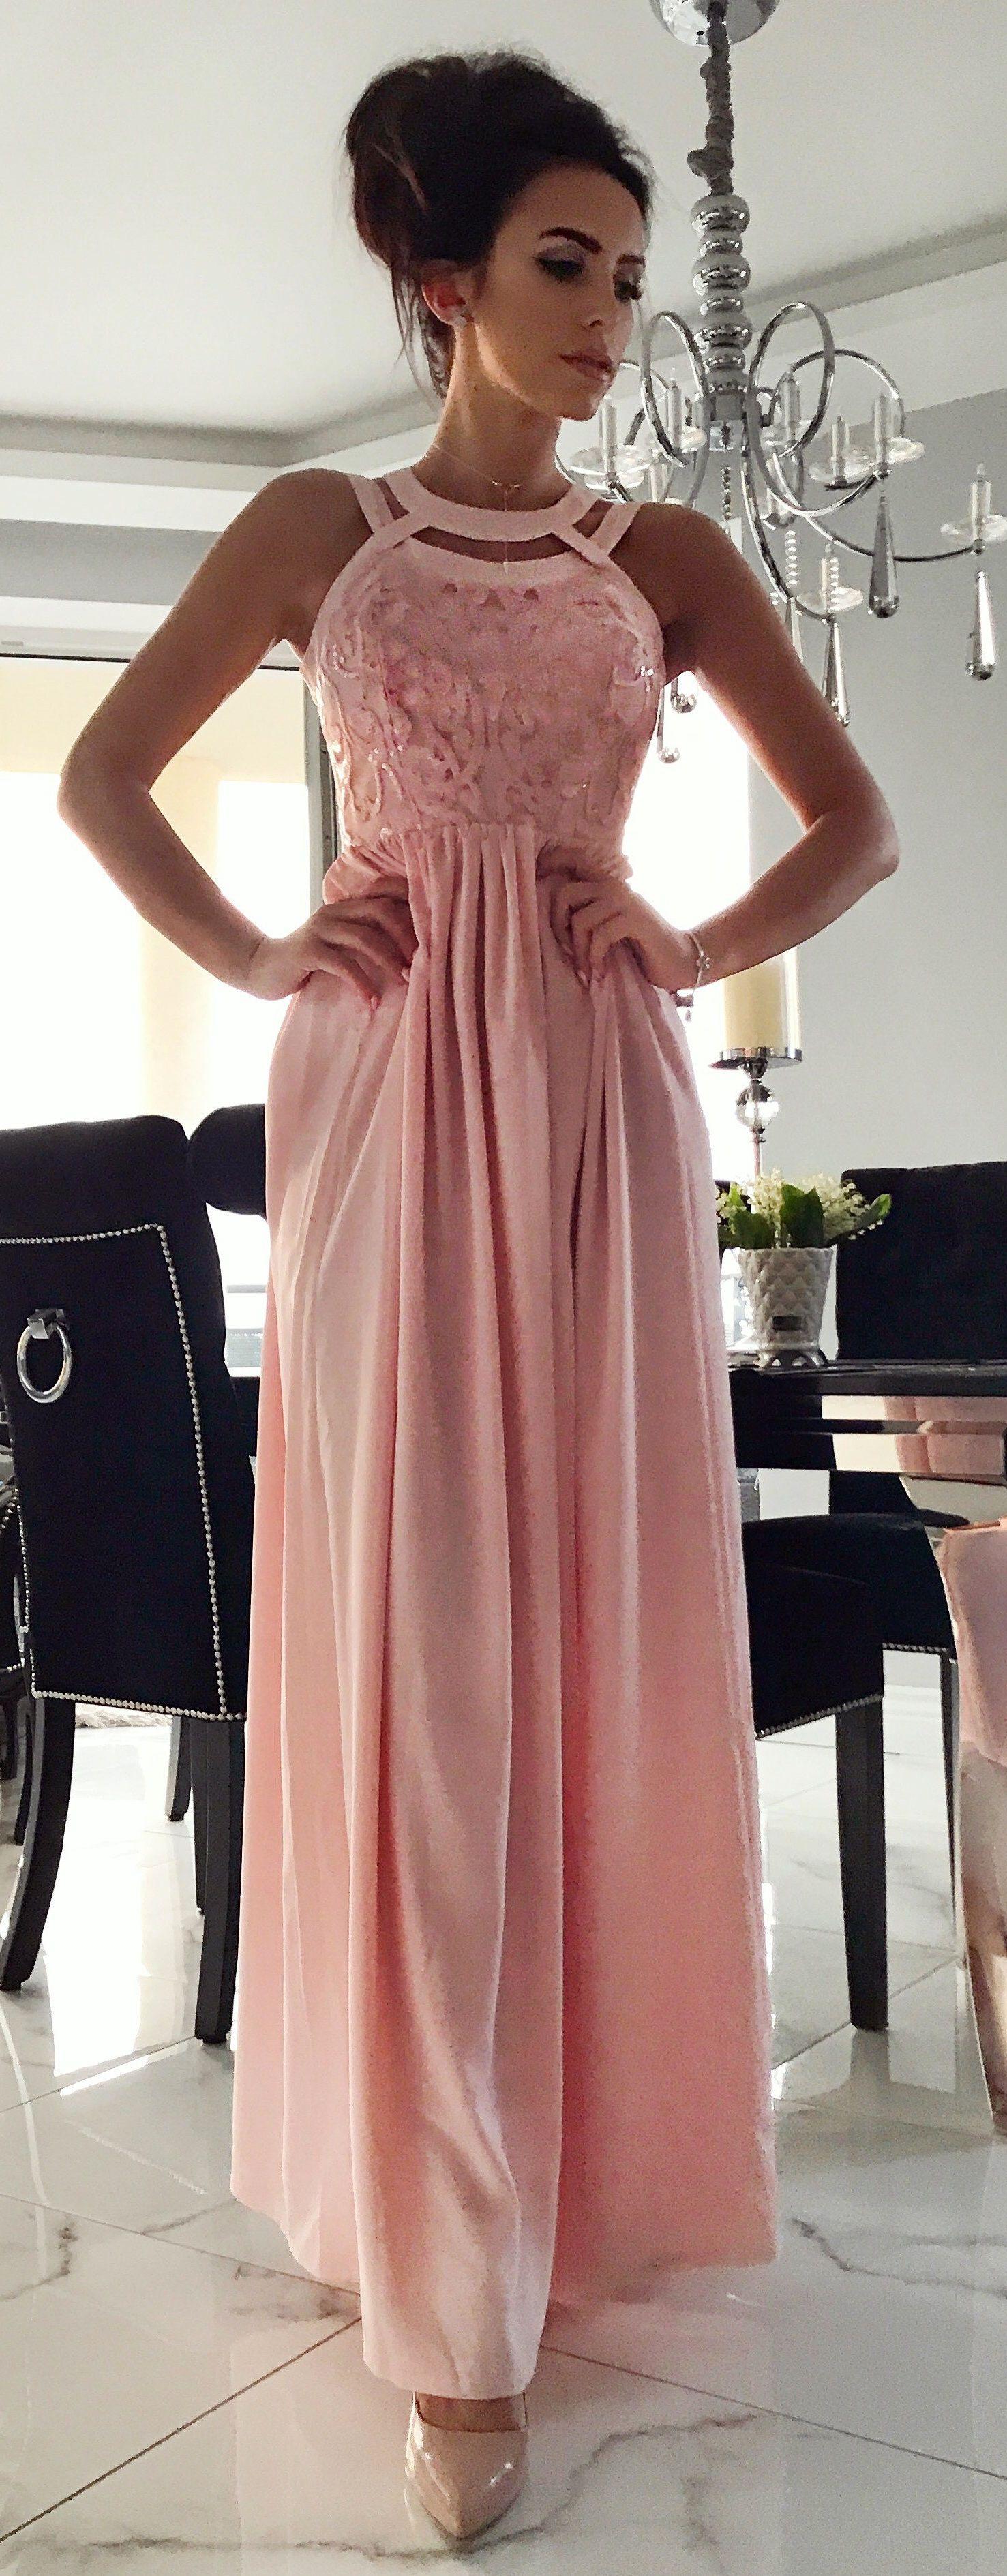 40ec40cd4f Maxidress Mery pudrowy róż. Piękna różowa sukienka na wesele dla druhny